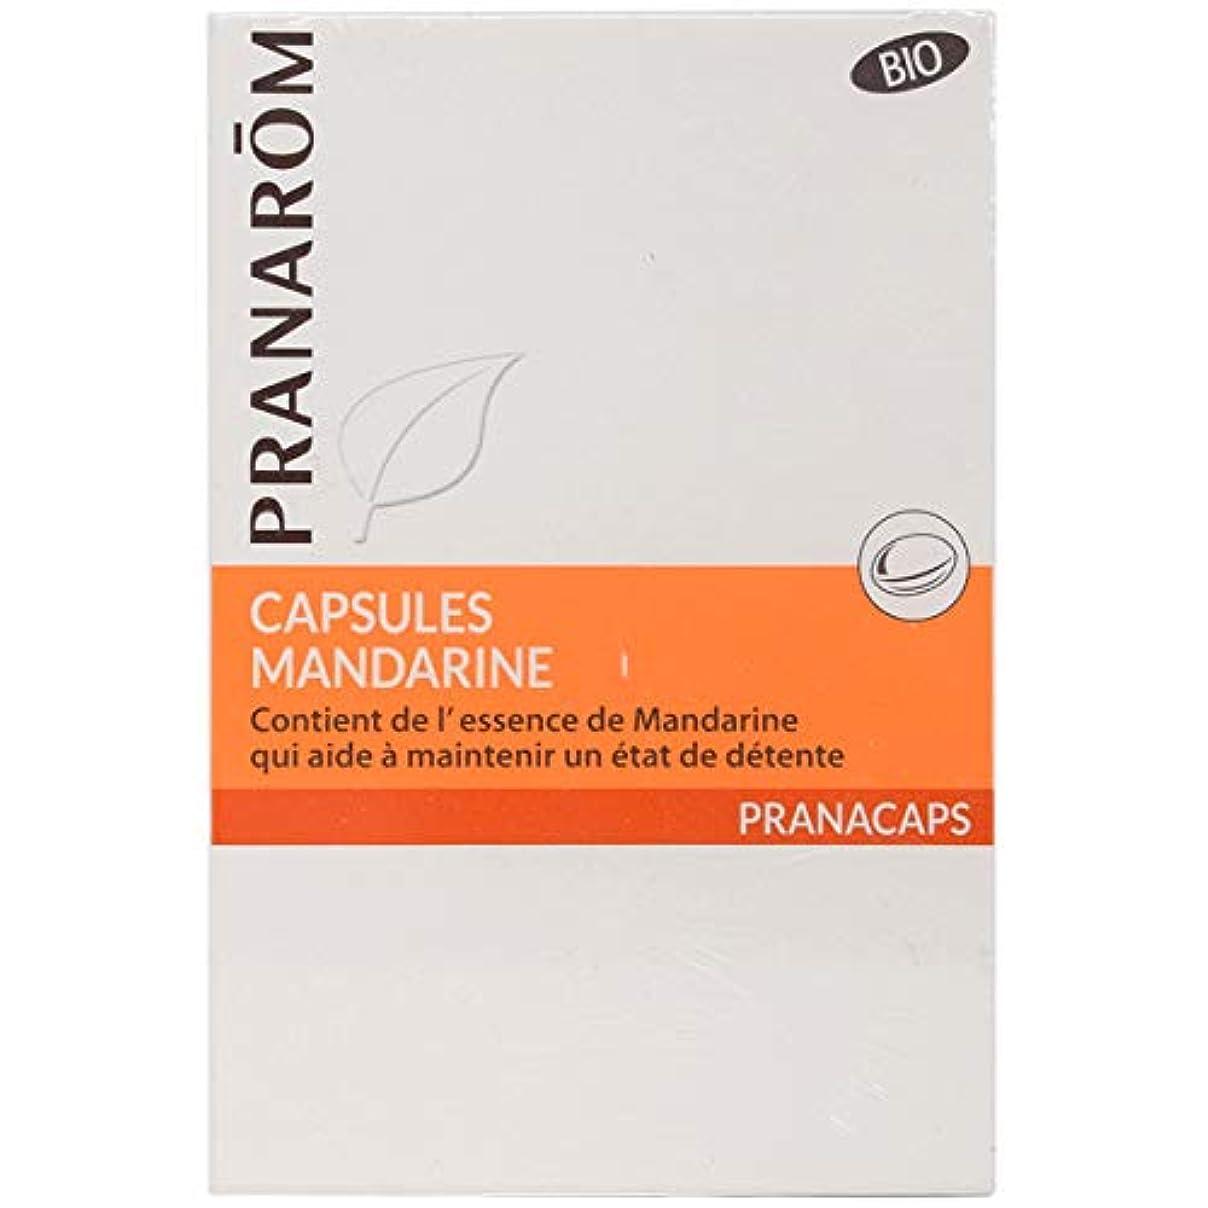 誘導降伏パドルプラナロム マンダリンカプセル 30粒 (PRANAROM サプリメント)